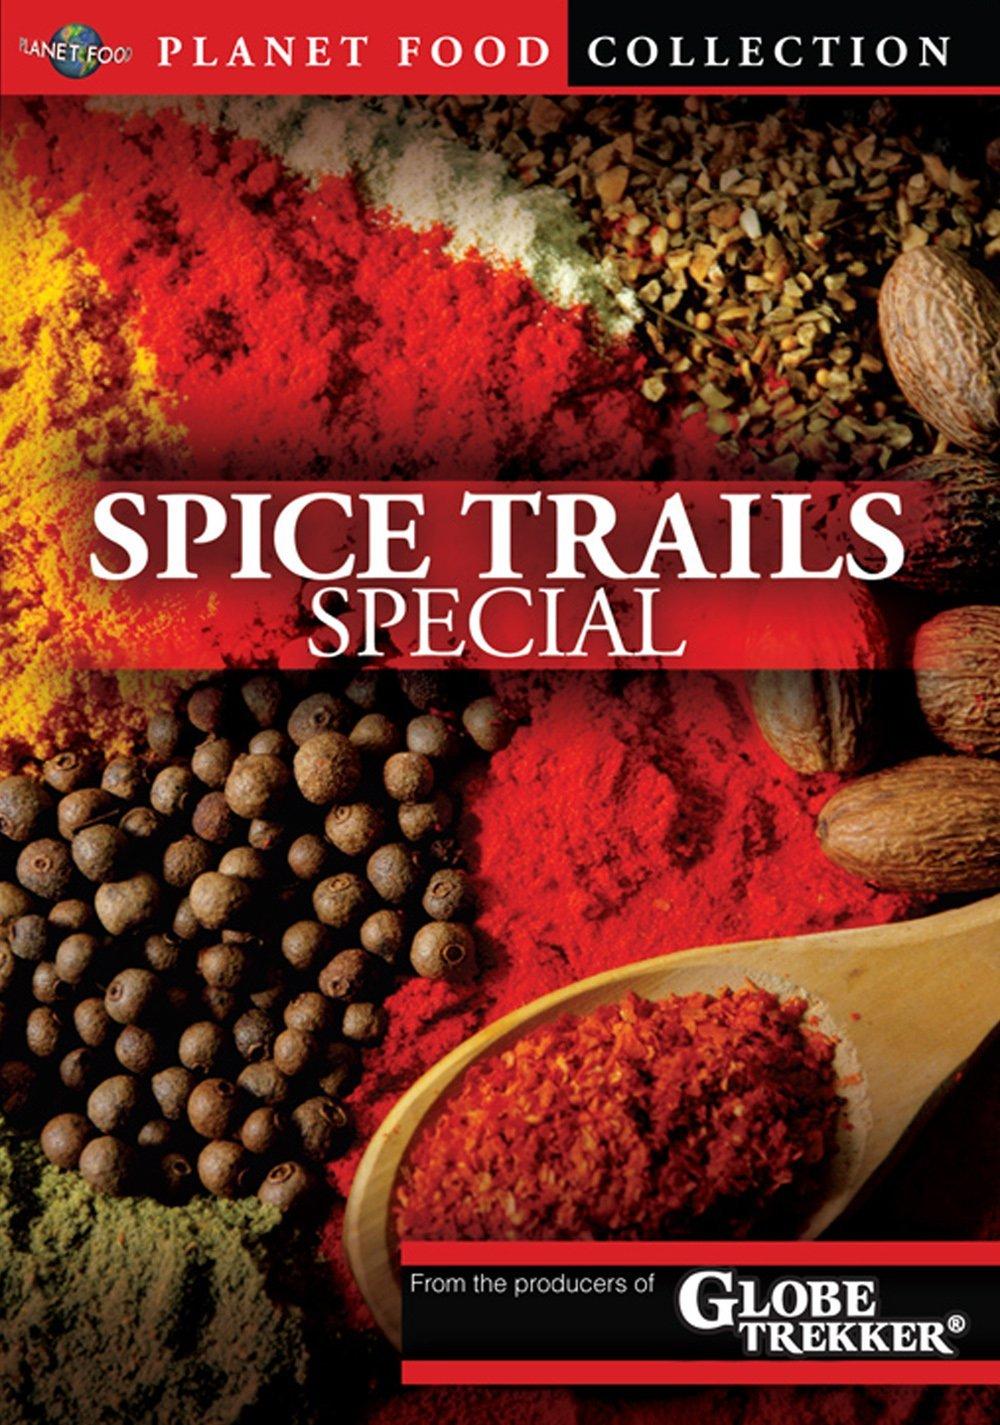 Globe Trekker: Planet Food, Spice Trails